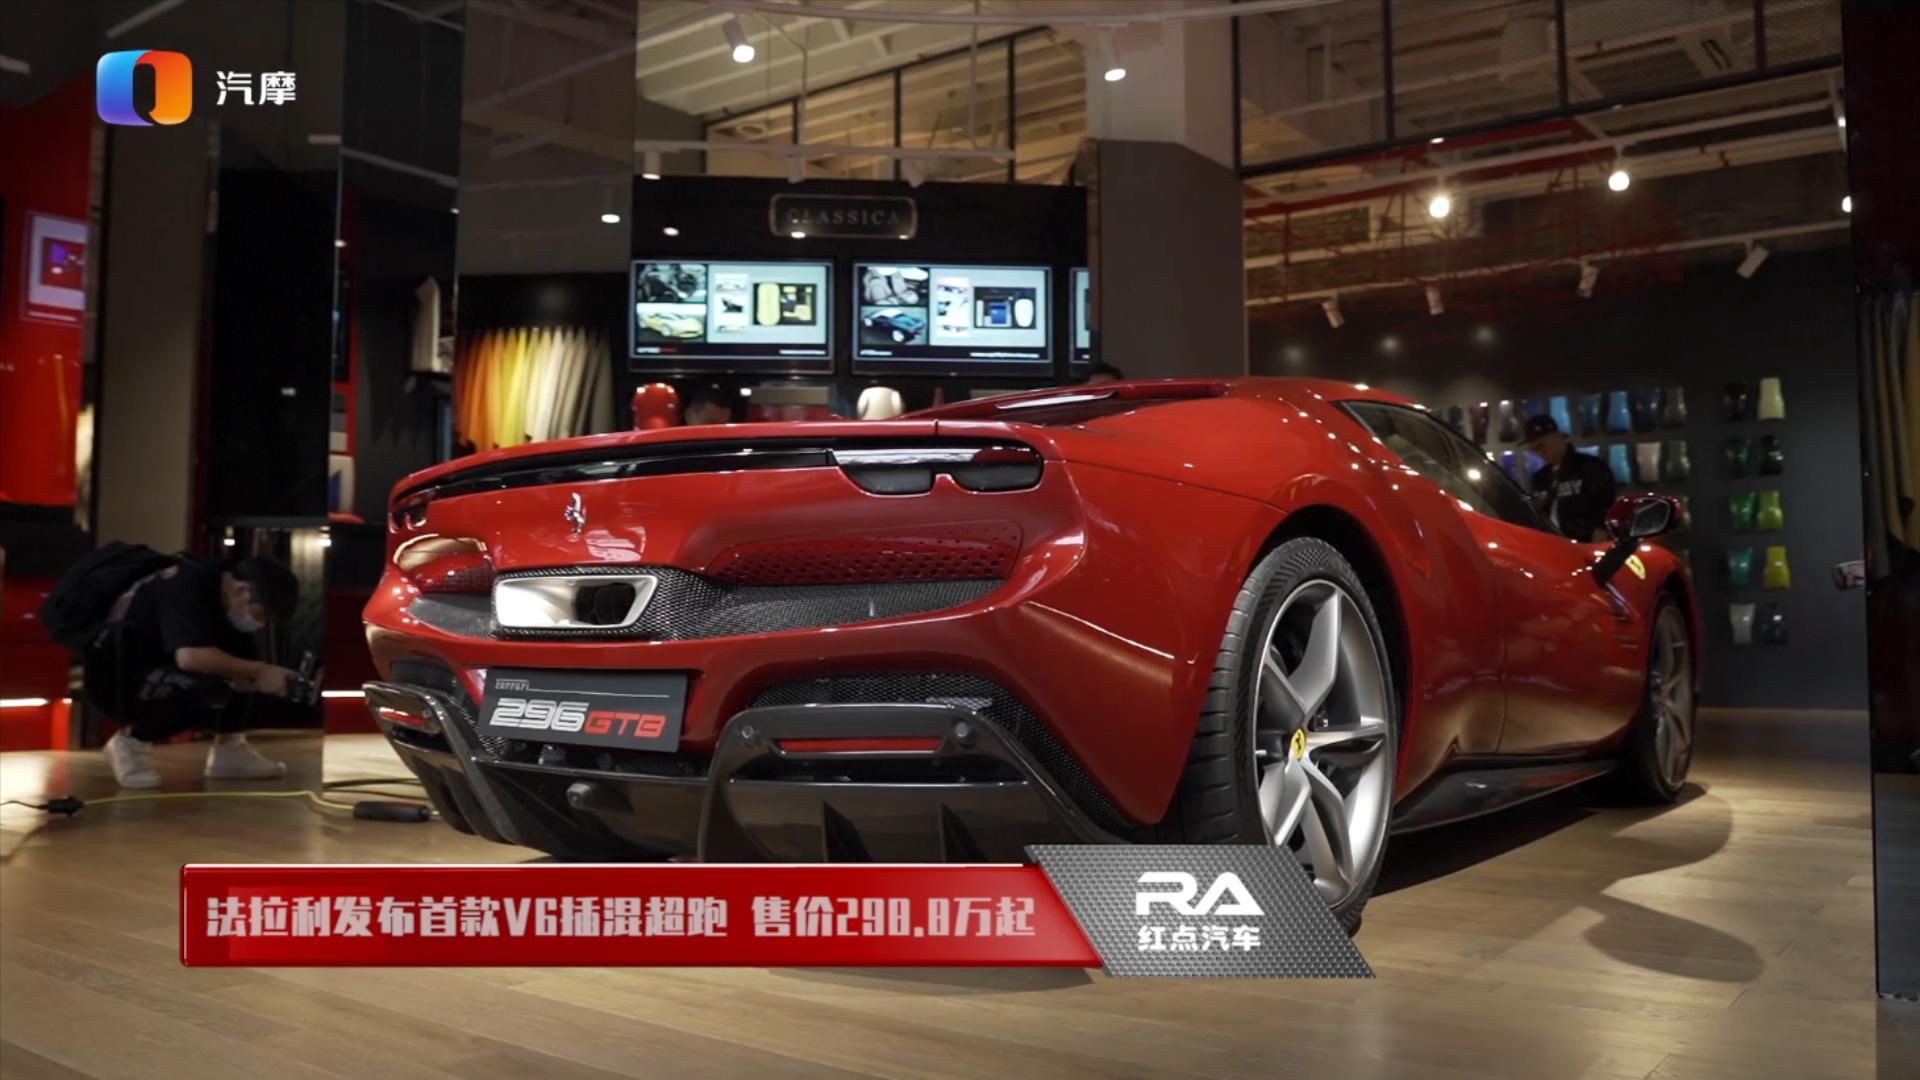 法拉利发布首款V6插混超跑 售价298.8万元起